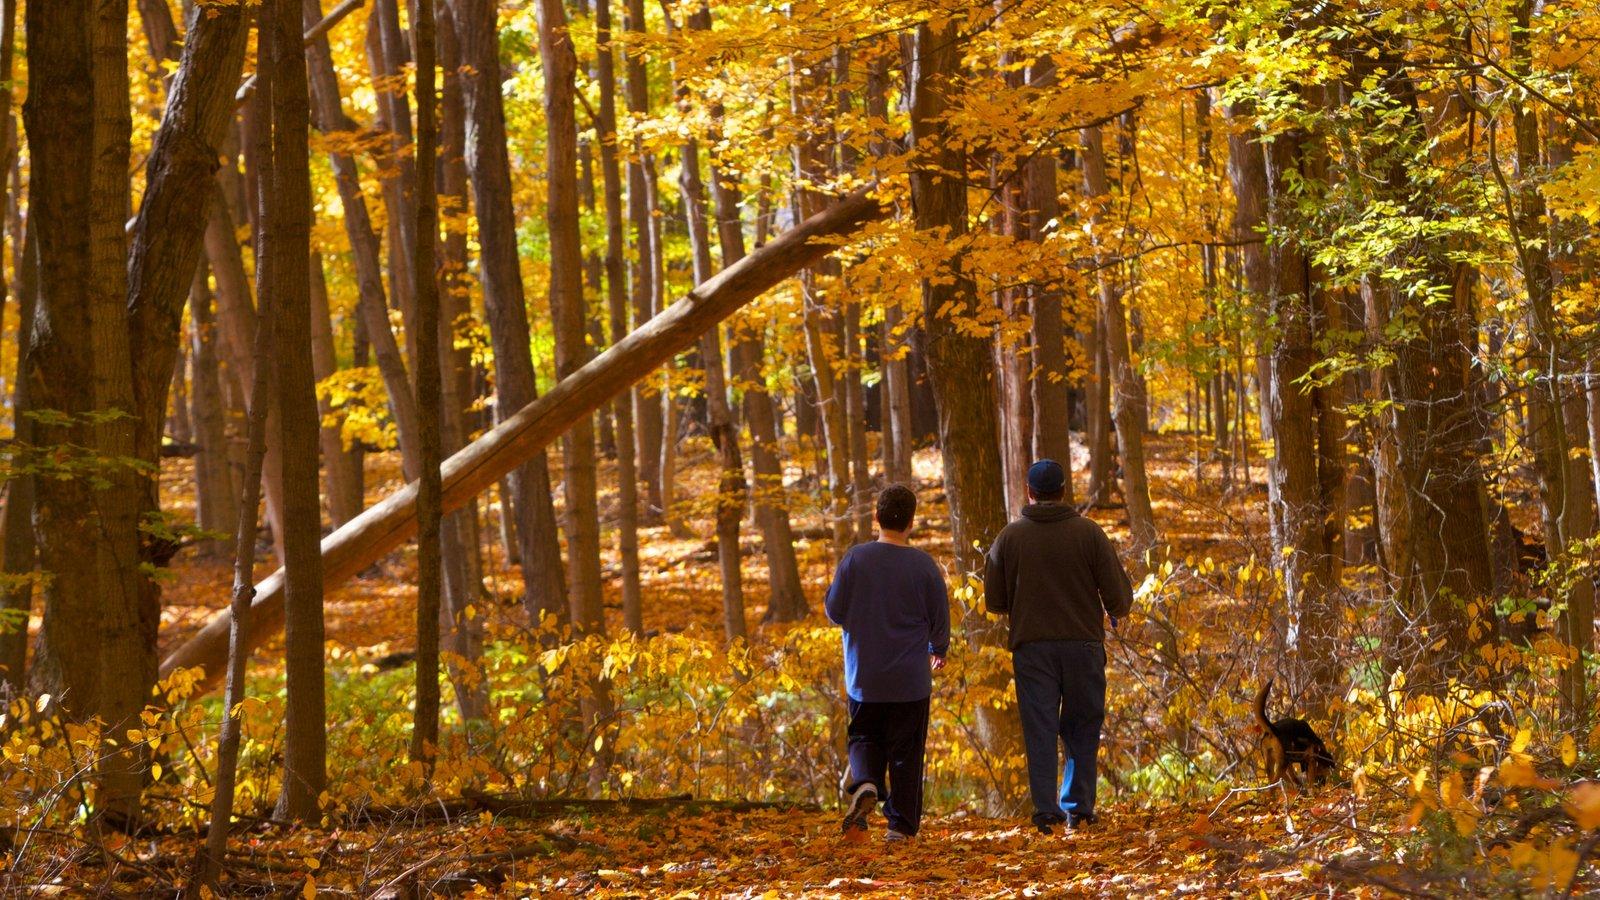 Eagle Creek Park ofreciendo senderismo o caminata, bosques y un parque